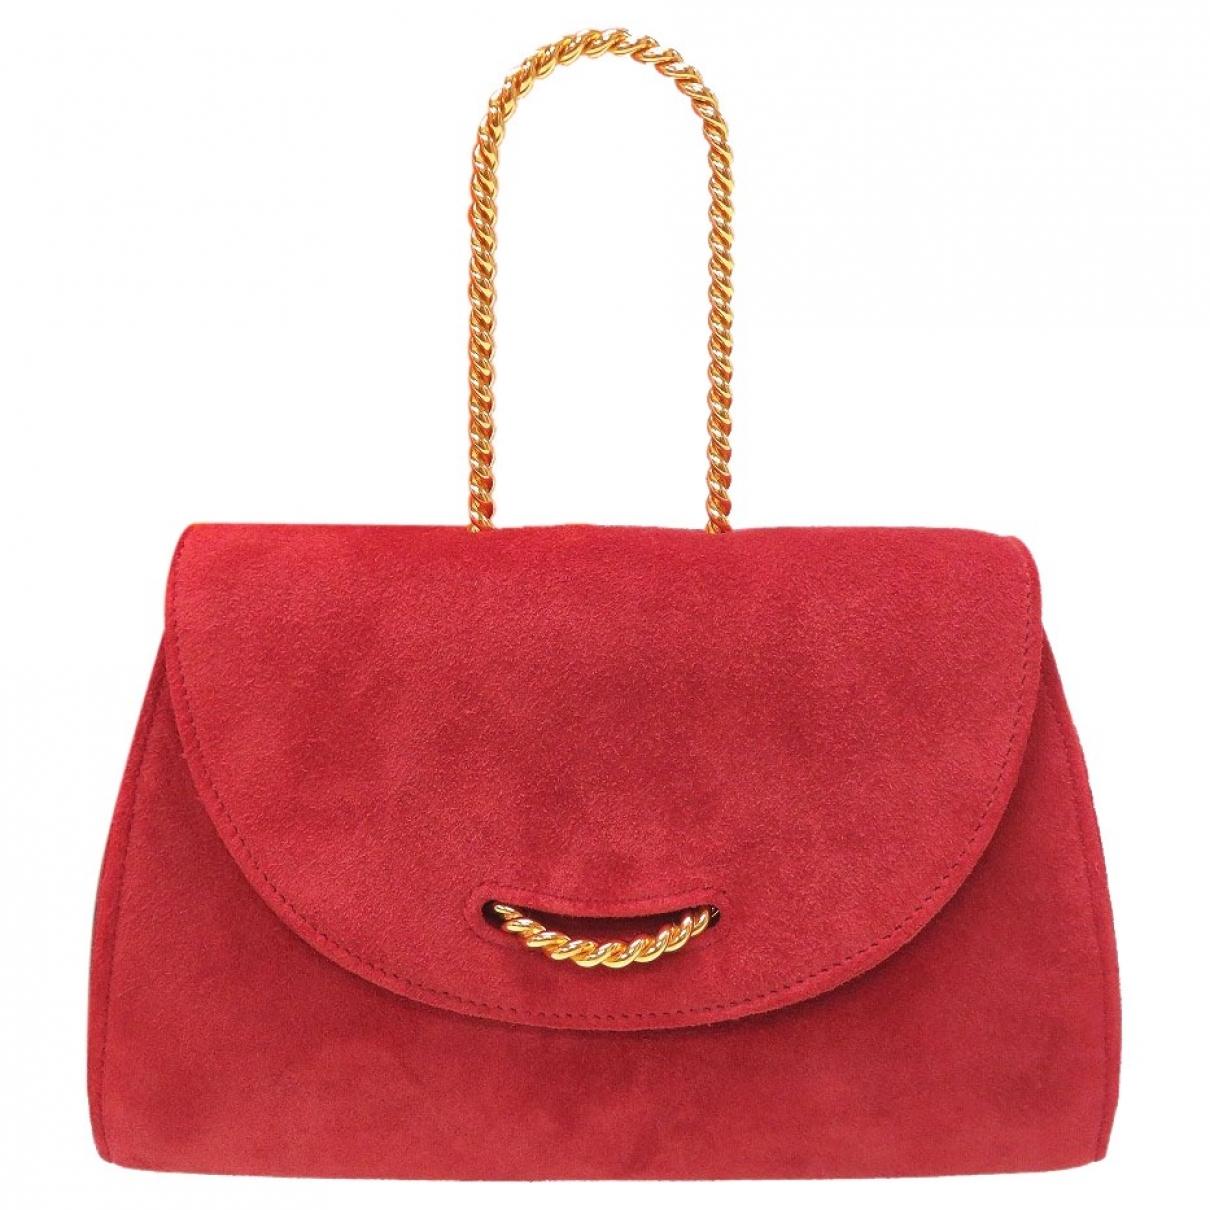 Hermes \N Handtasche in  Rot Veloursleder